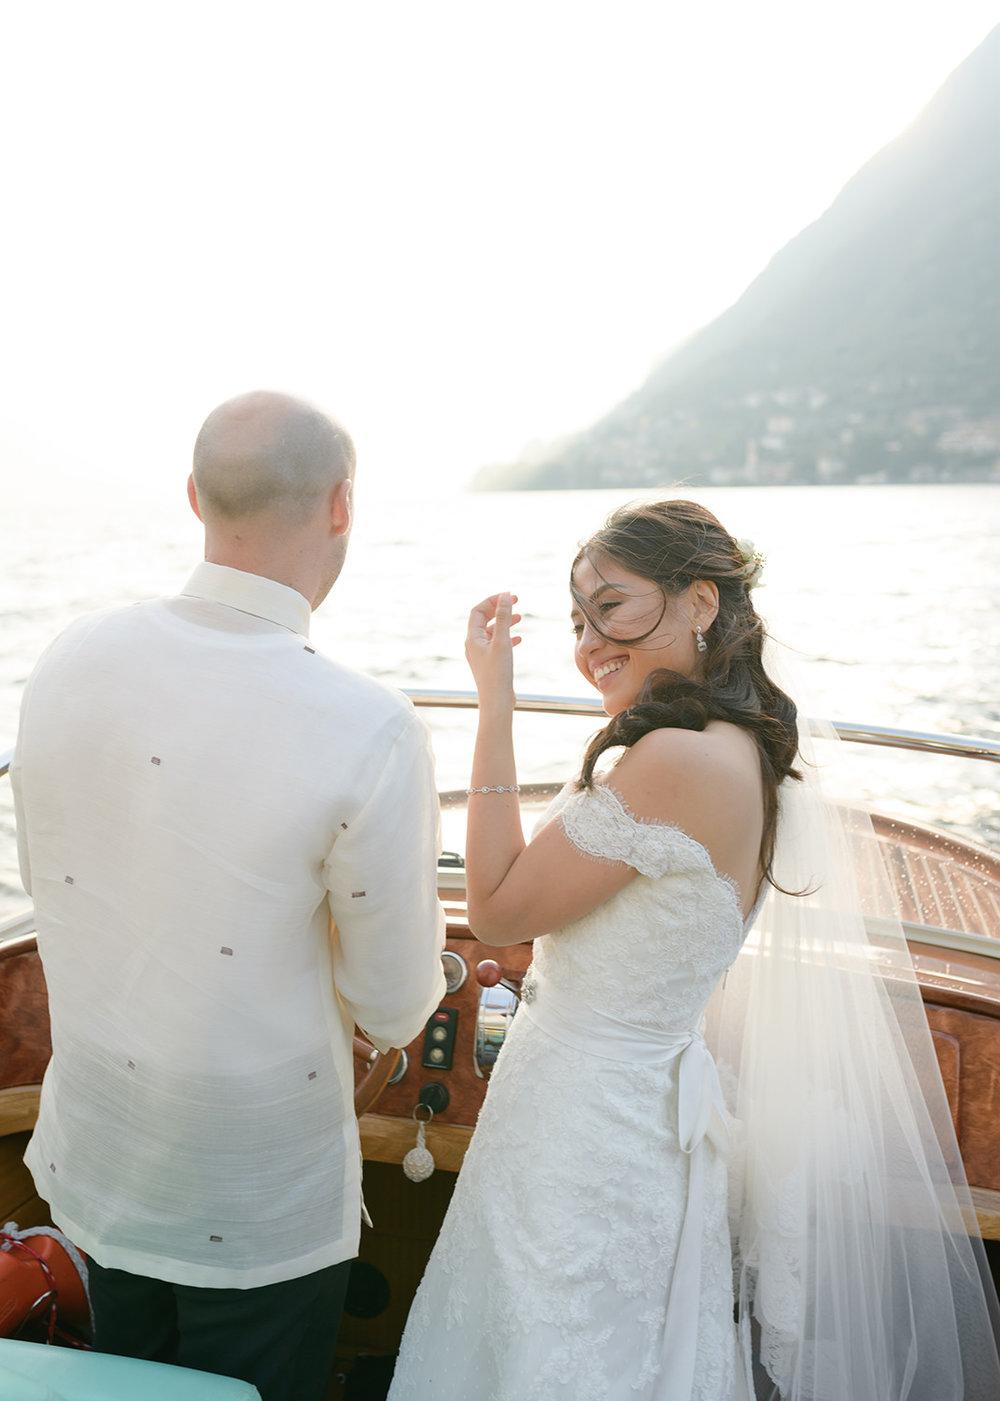 villa-regina-teodolinda-wedding-photographer-C&B-©bottega53-71.JPG